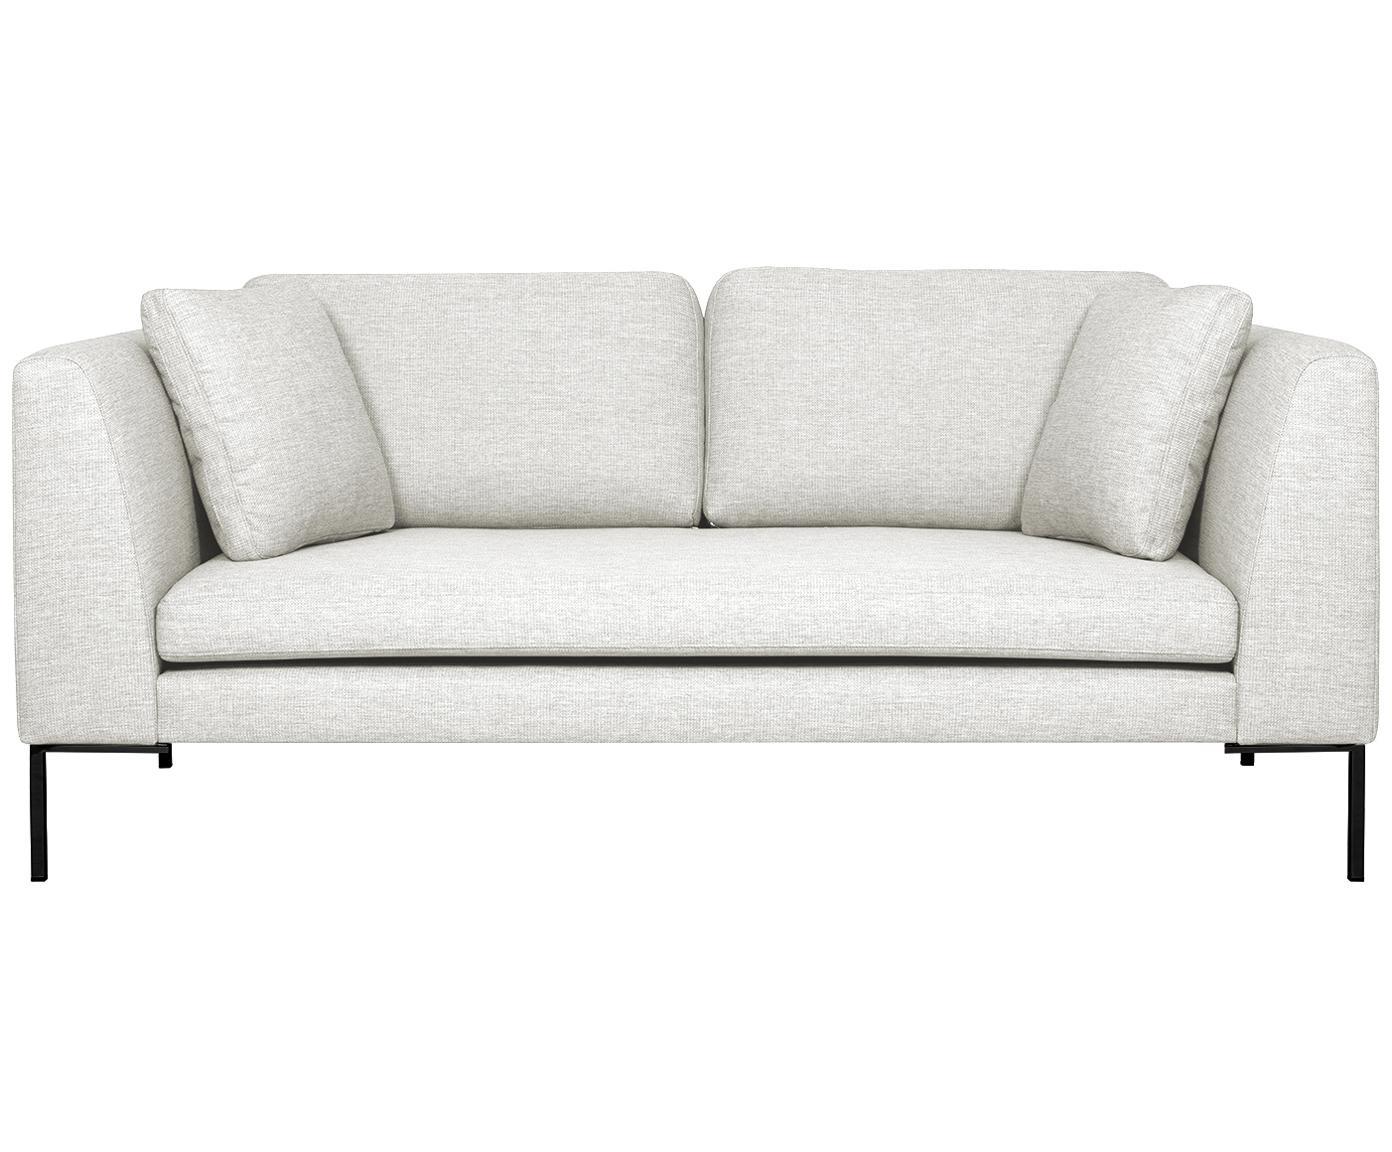 Sofa Emma (2-Sitzer), Bezug: Polyester 100.000 Scheuer, Gestell: Massives Kiefernholz, Webstoff Cremeweiss, Füsse Schwarz, B 194 x T 100 cm